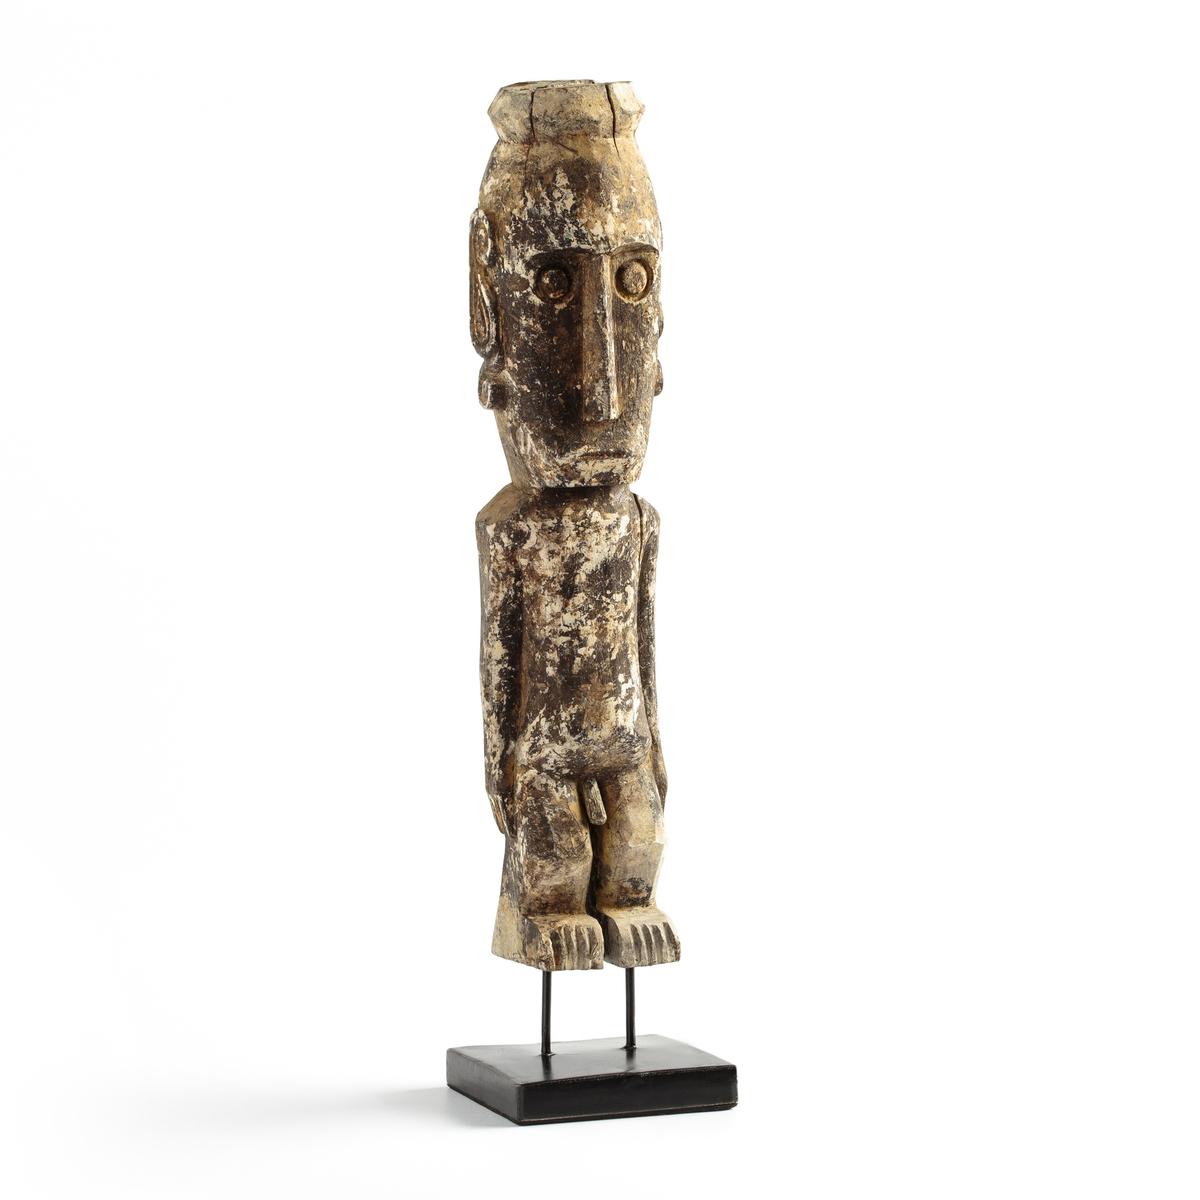 Статуэтка из дерева, В.47 см, Semarang статуэтки pavone статуэтка дама в вечернем платье